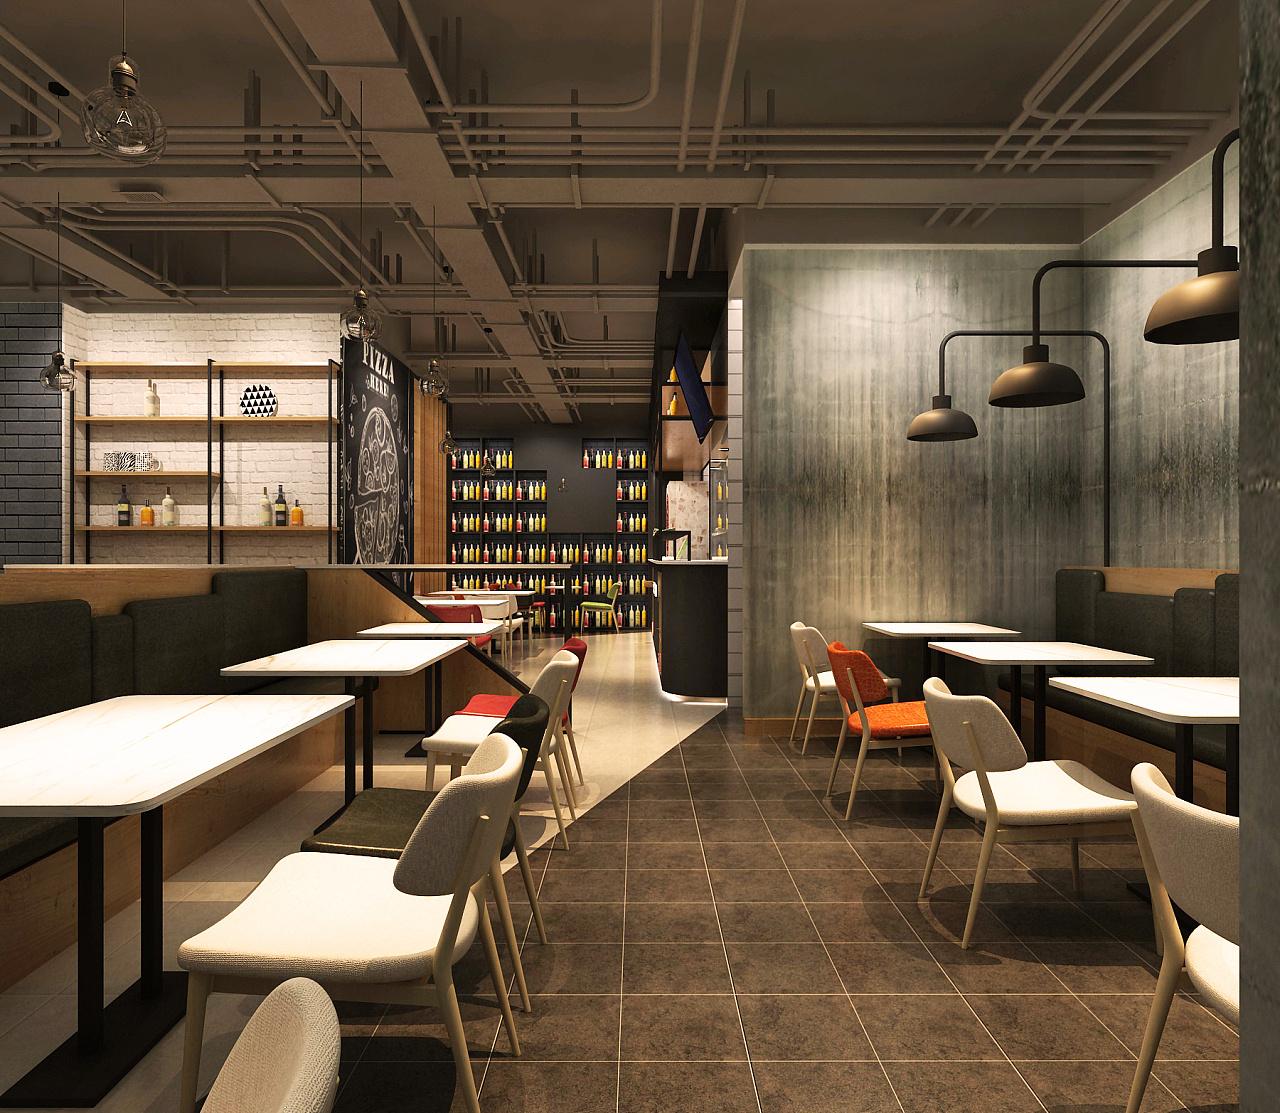 西餐厅 空间 室内设计 道禾老耿 - 原创作品 - 站酷图片